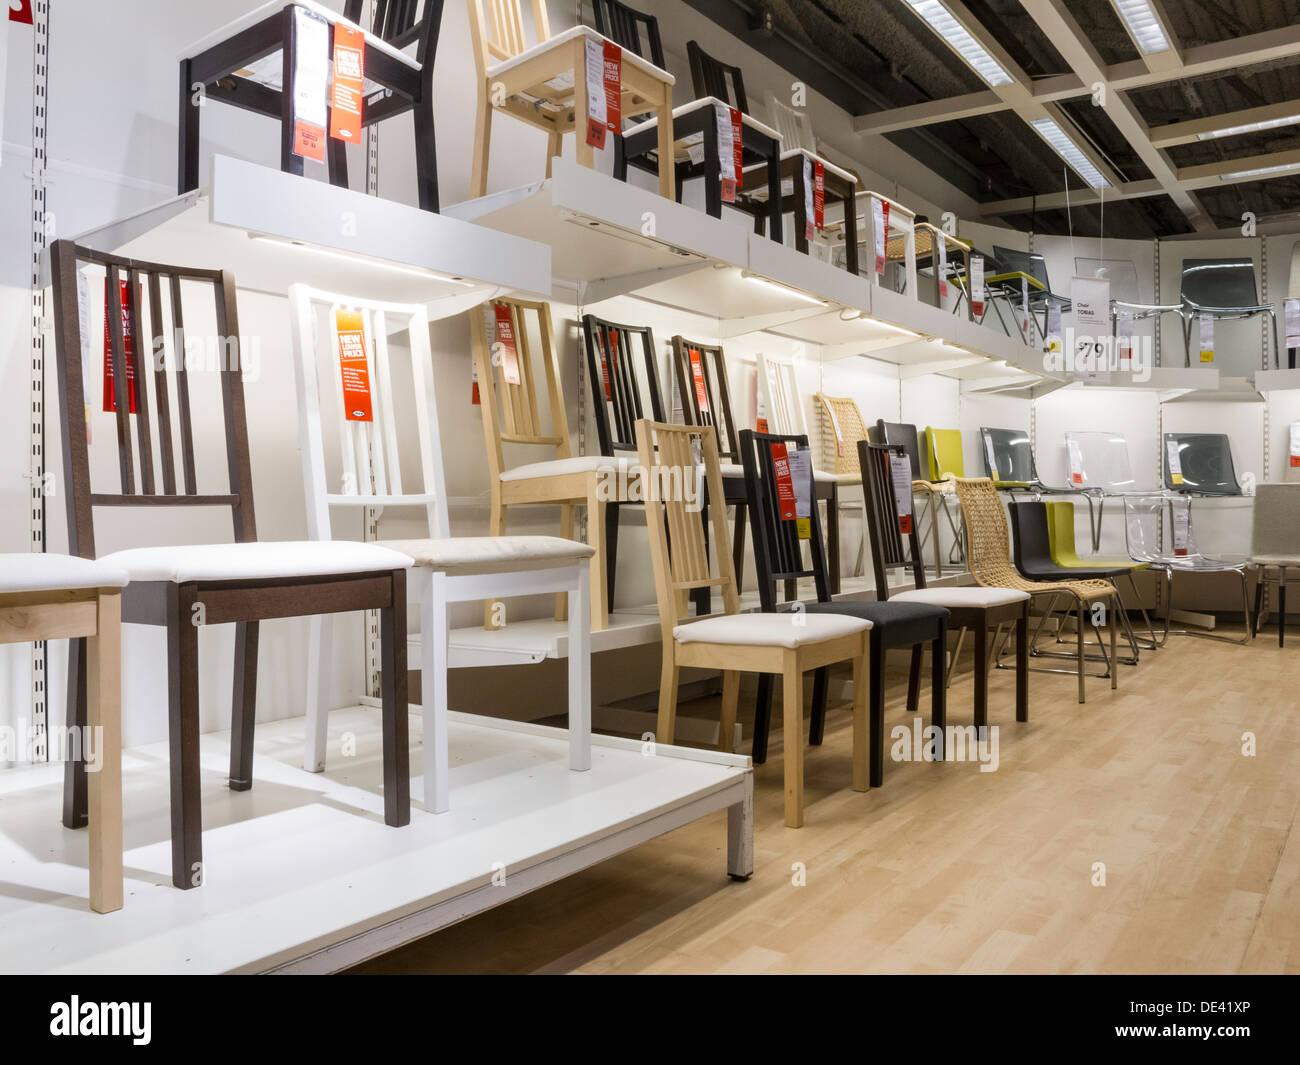 IKEA Swedish Retail Store Interior, Stoughton, NA